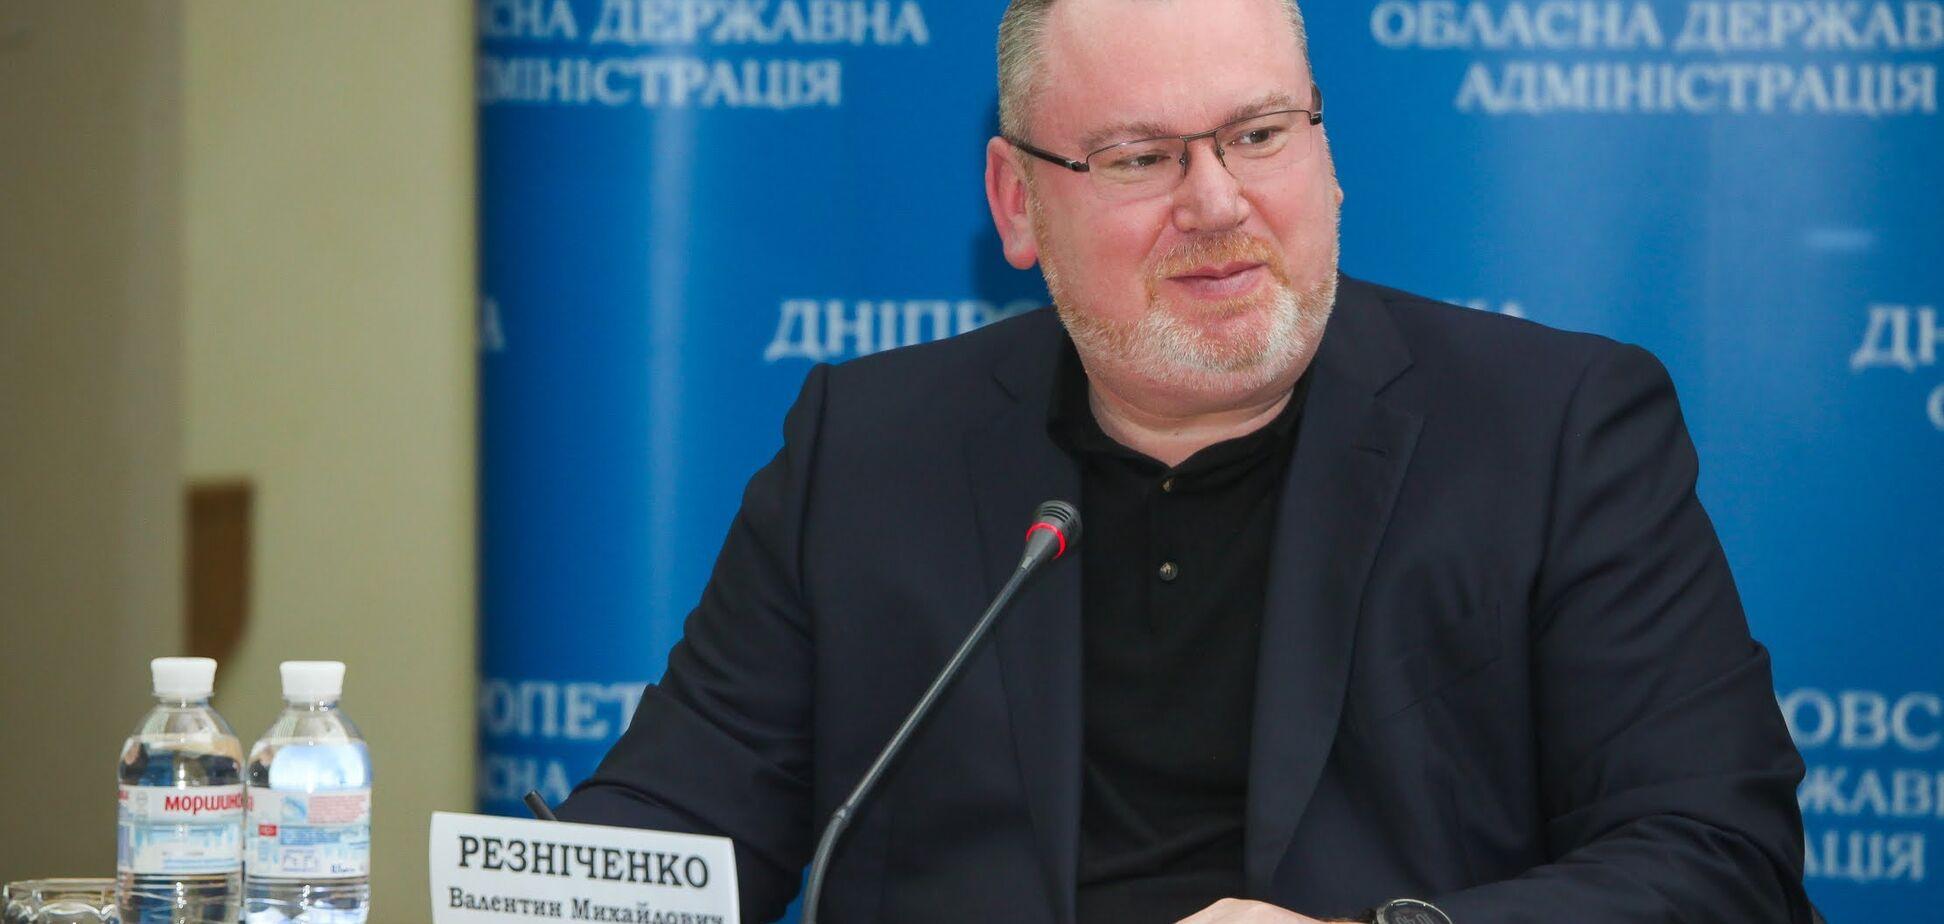 Резниченко: при содействии Днепропетровской ОГА первая в области мини-гидроэлектростанция сдана в эксплуатацию